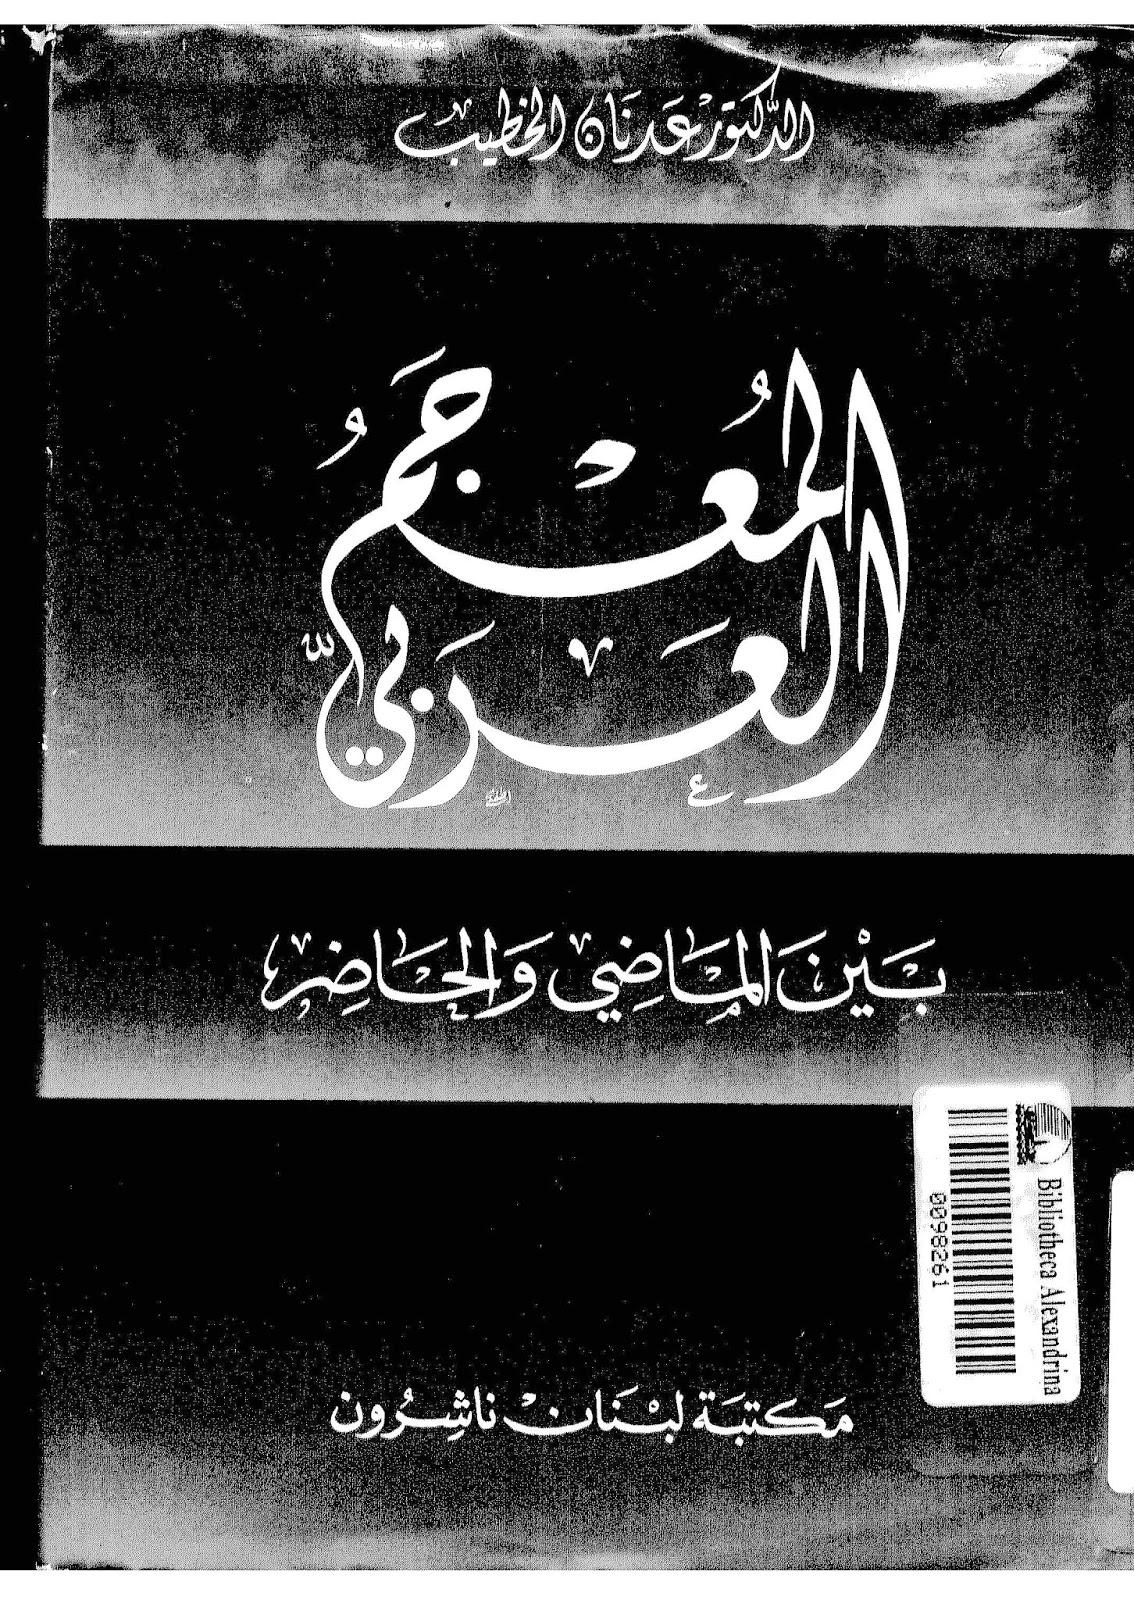 المعجم العربي بين الماضي والحاضر - عدنان الخطيب pdf